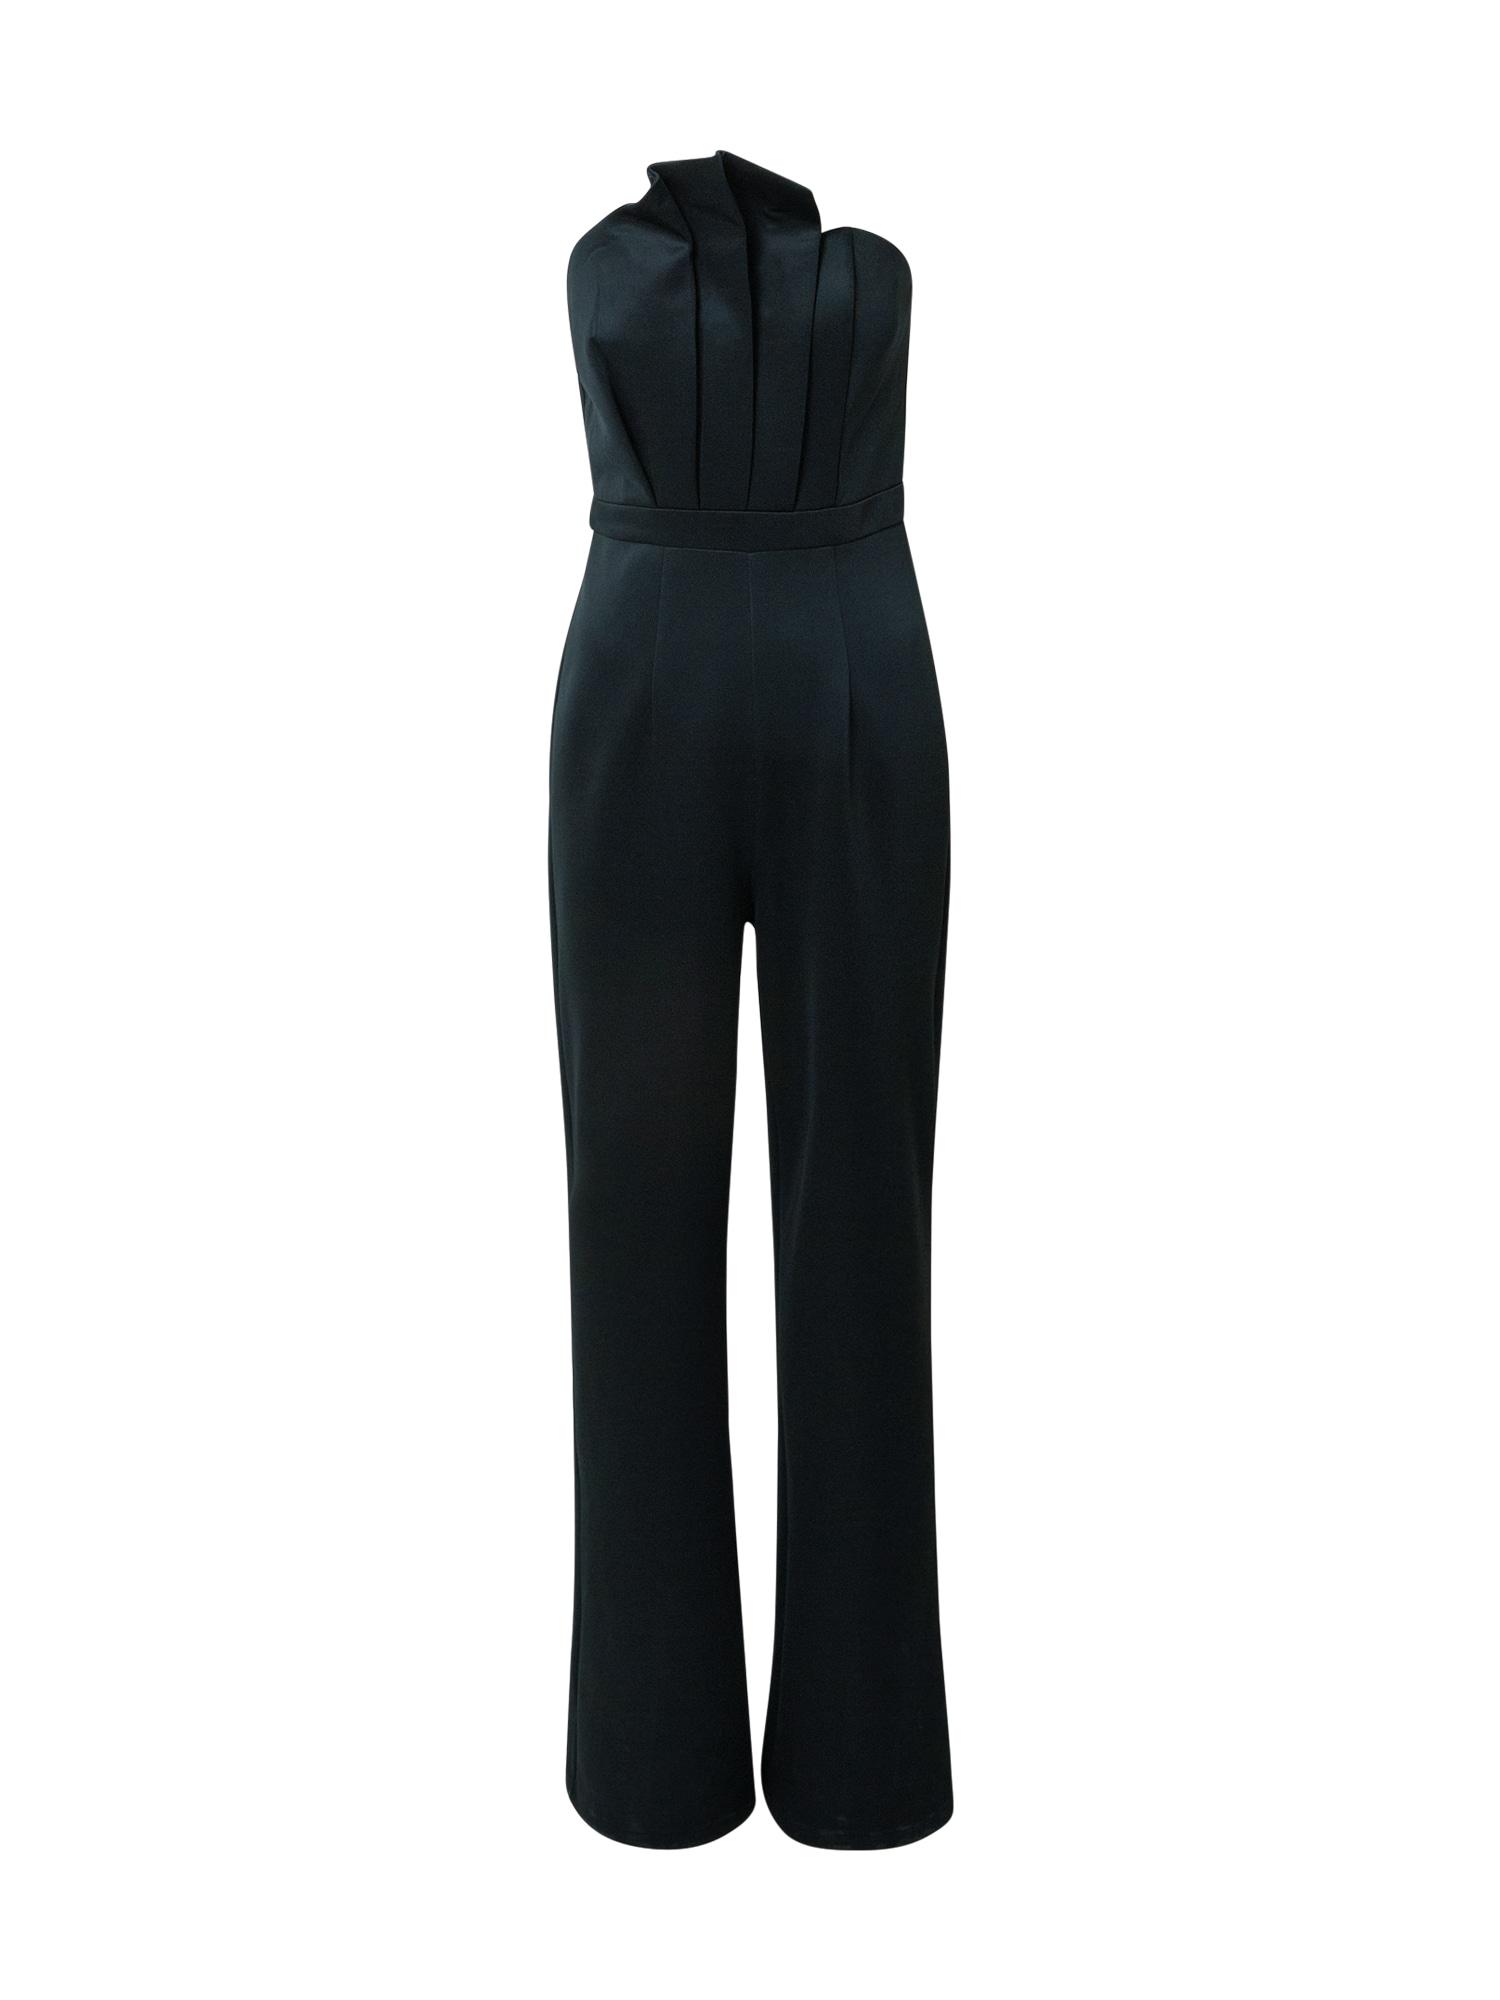 Chi Chi London Vienos dalies kostiumas 'Desiree' juoda